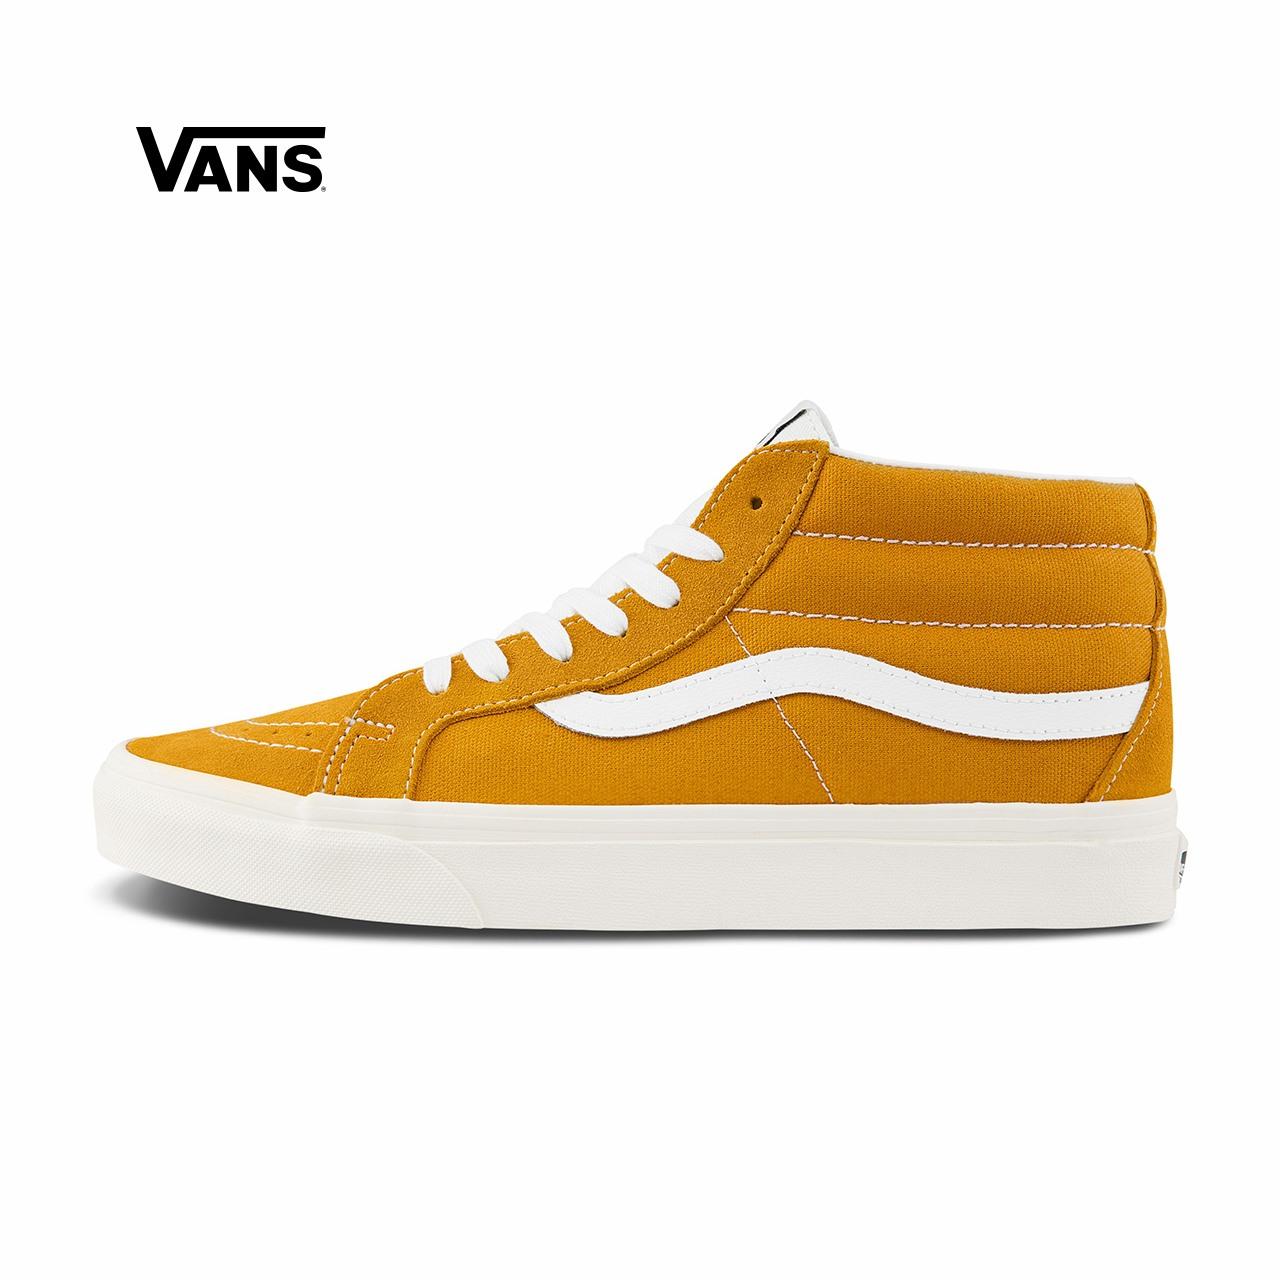 黄色运动鞋 Vans范斯 经典系列SK8-Mid板鞋运动鞋新品中帮男女姜黄色官方正品_推荐淘宝好看的黄色运动鞋